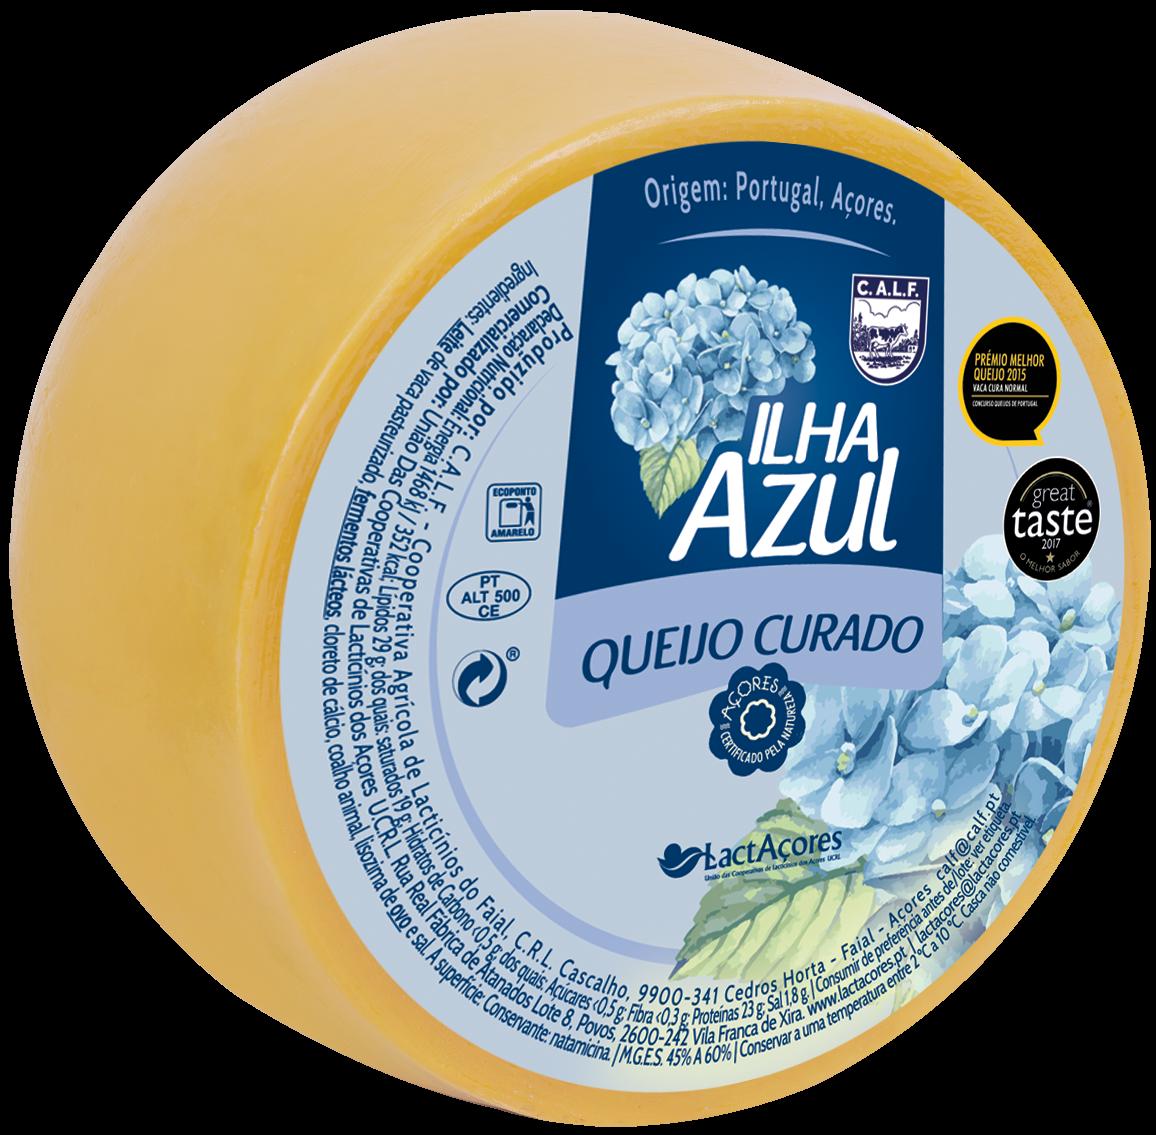 Queijo Ilha Azul Nova Açores 1 Kg - Azoren-Käse - Portugal